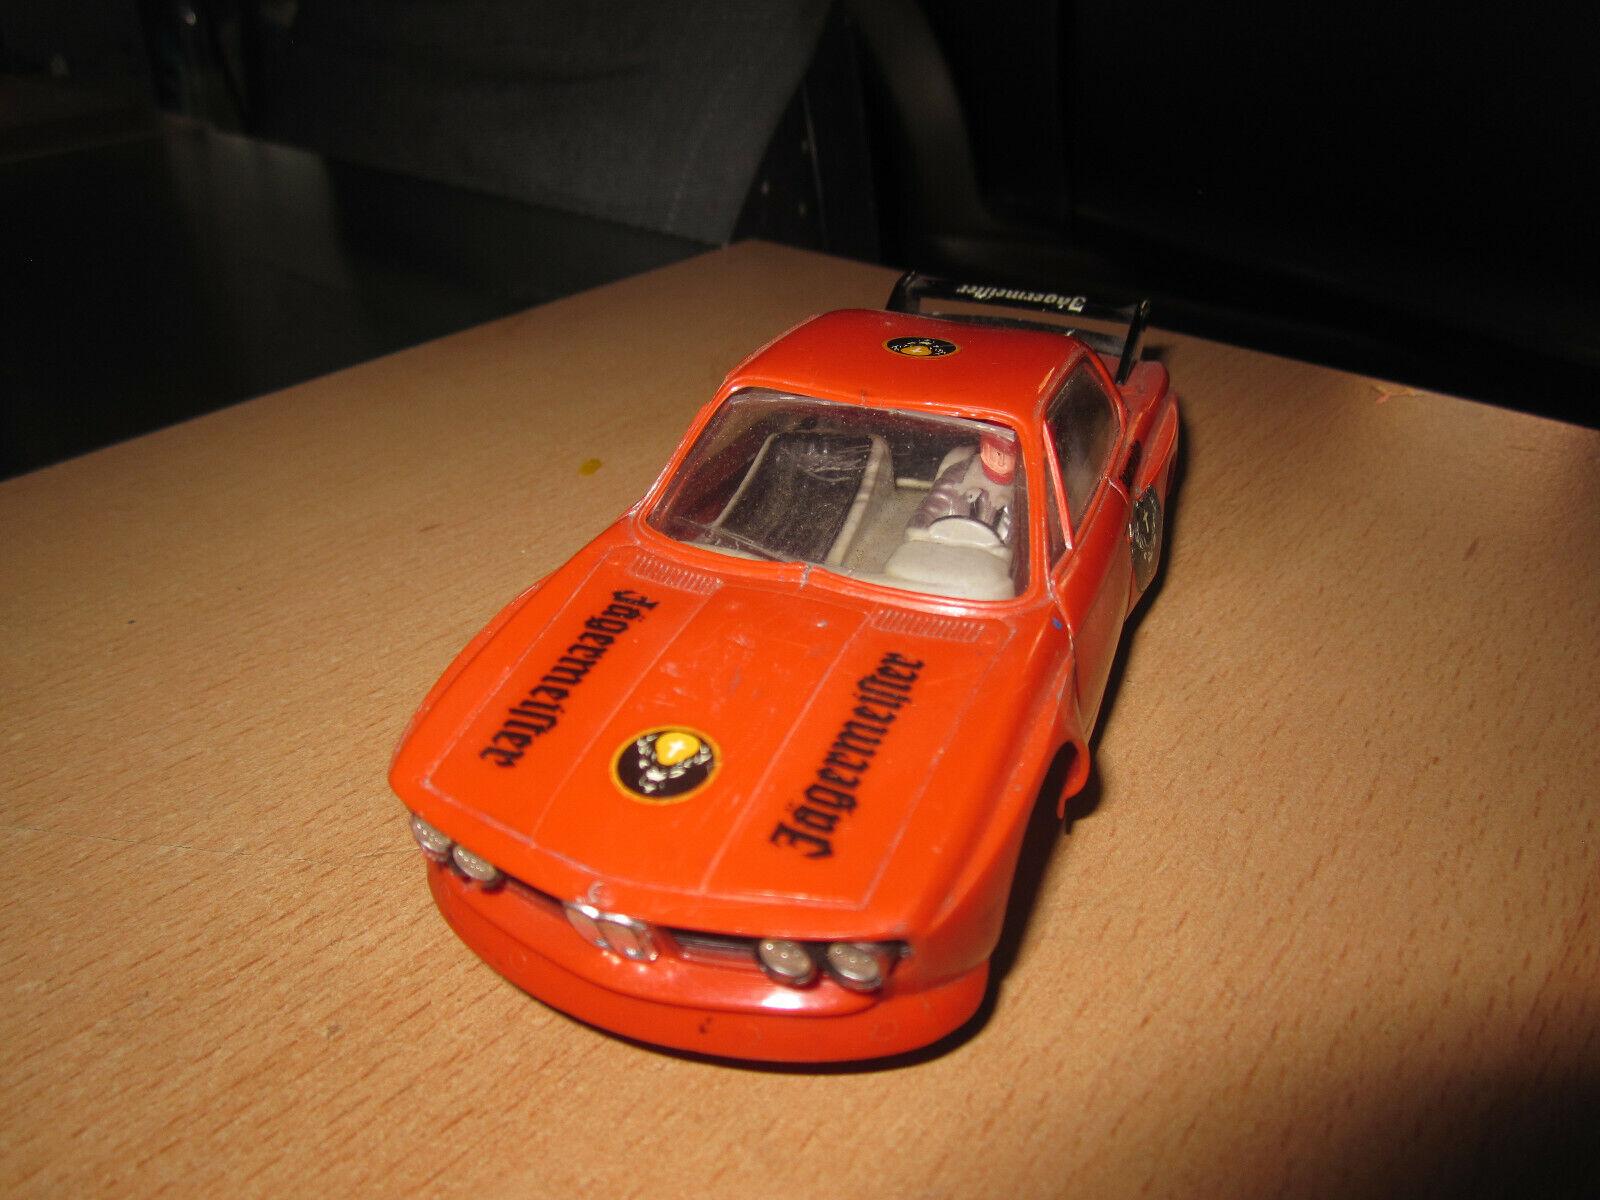 voiturerera universal 132   BMW Jägermeister 3 Liter zum fahren